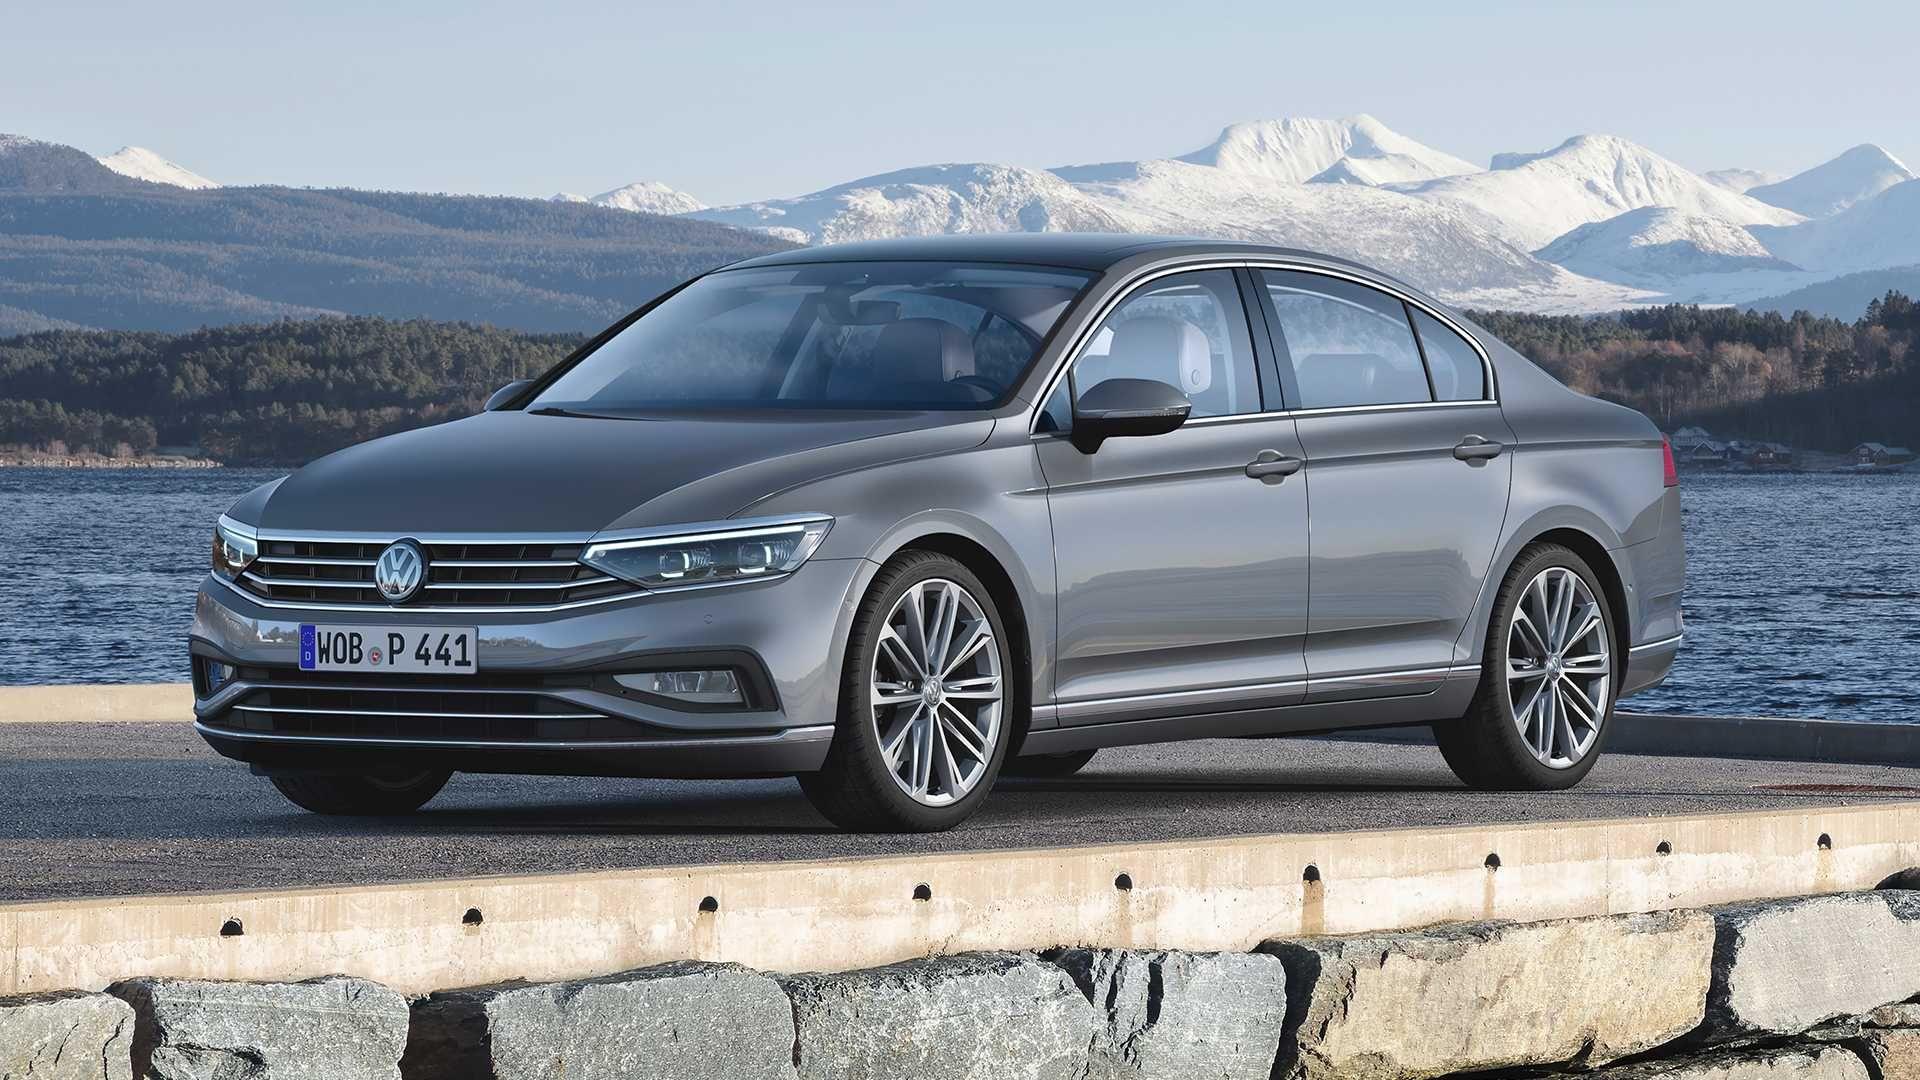 Volkswagen офіційно представив оновлений Passat для Європи